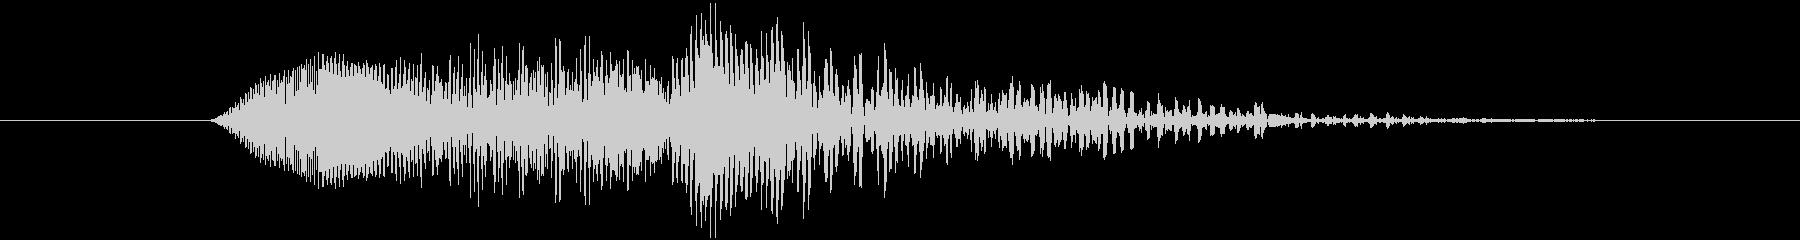 鳴き声 男性戦闘攻撃ショート03の未再生の波形